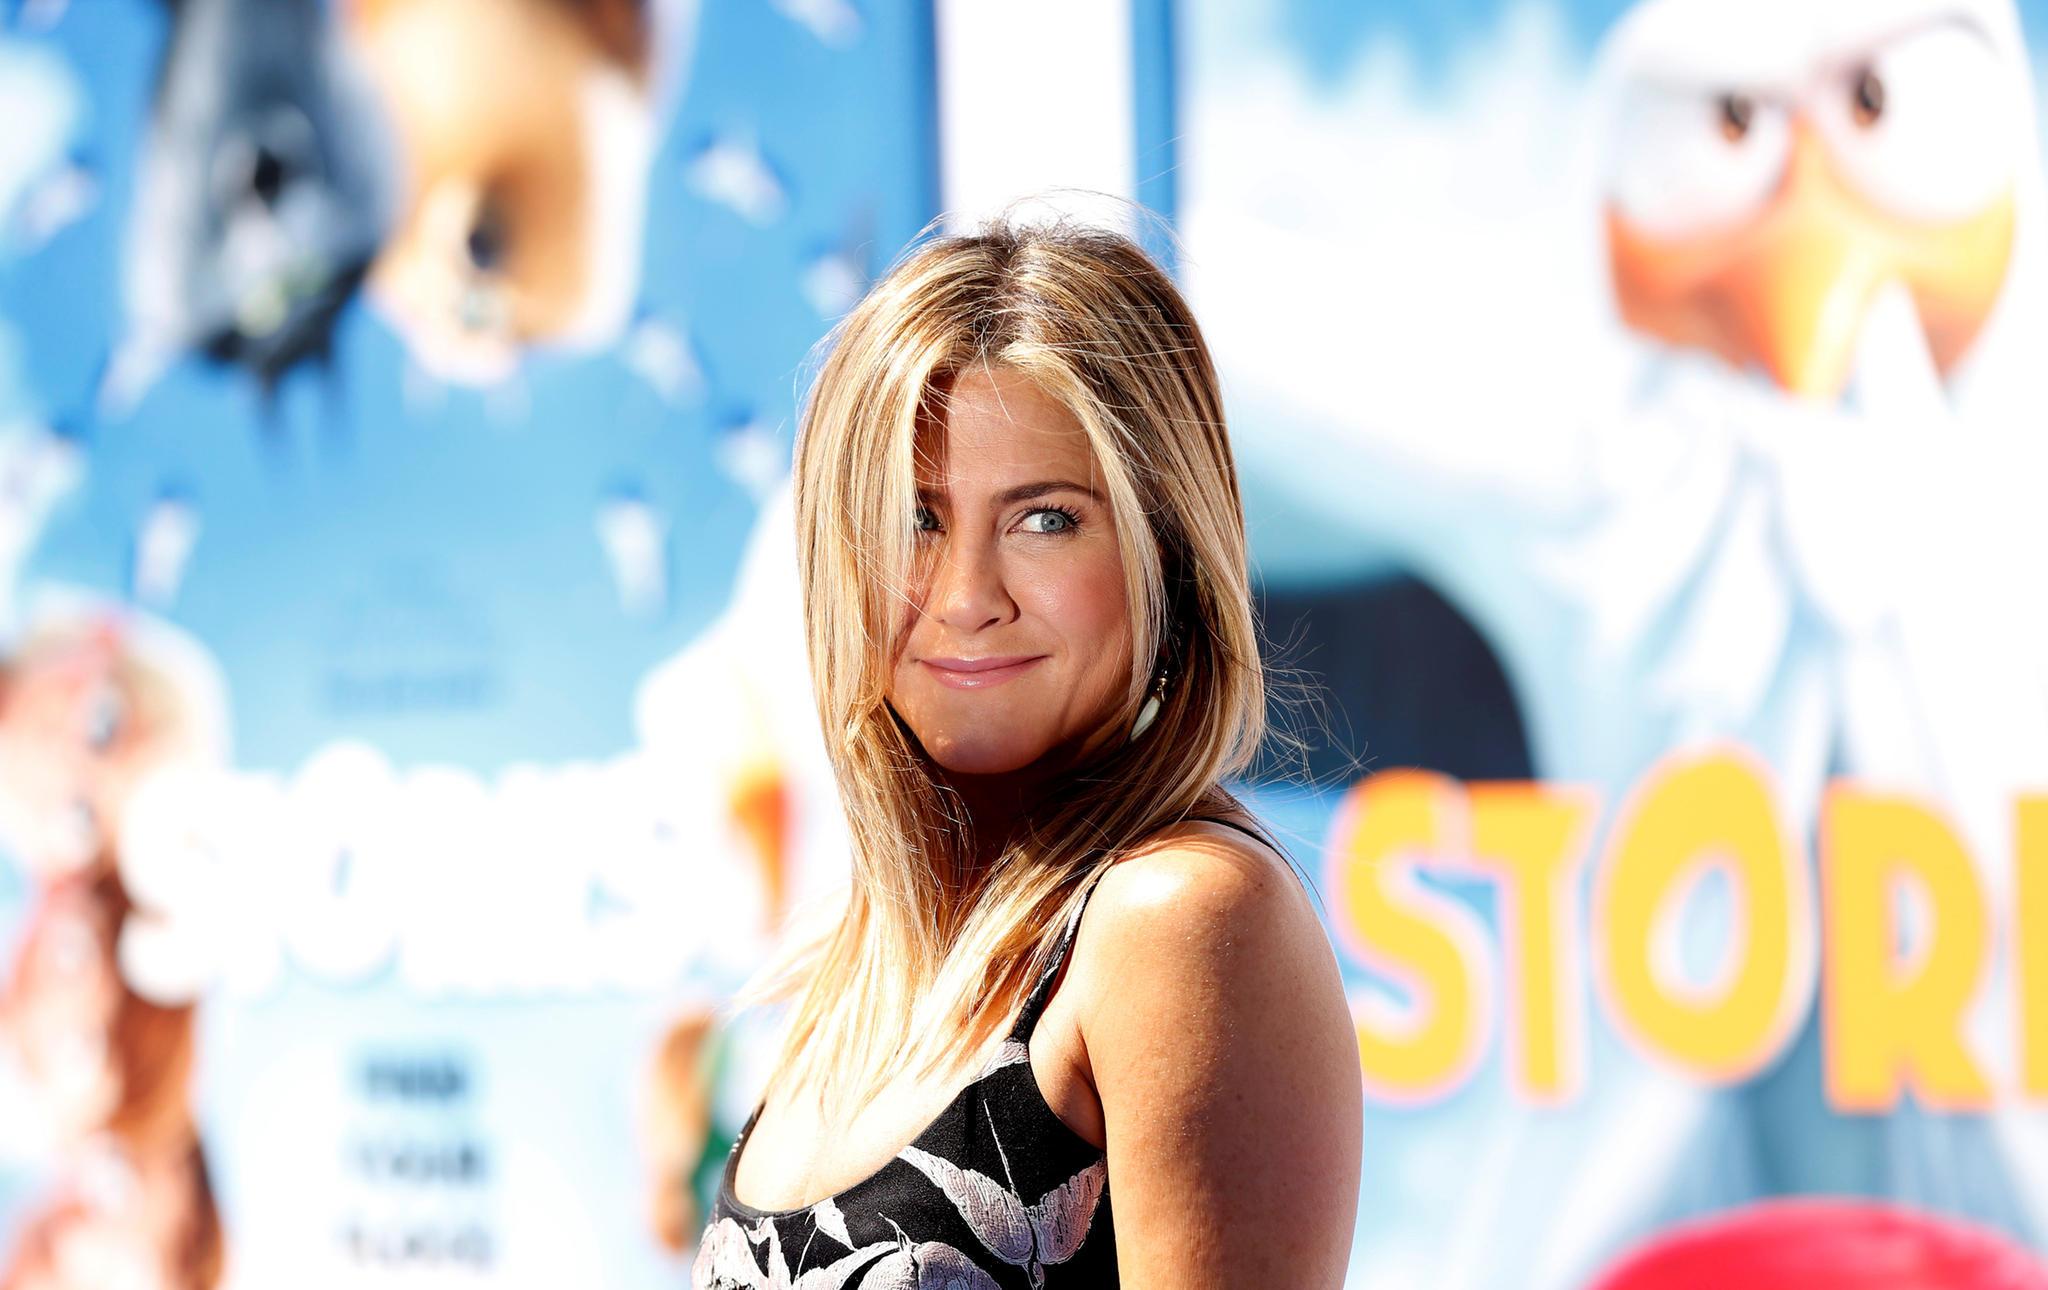 Jennifer Aniston - frisch getrennt und auf der Suche nach neuem Glück als Single